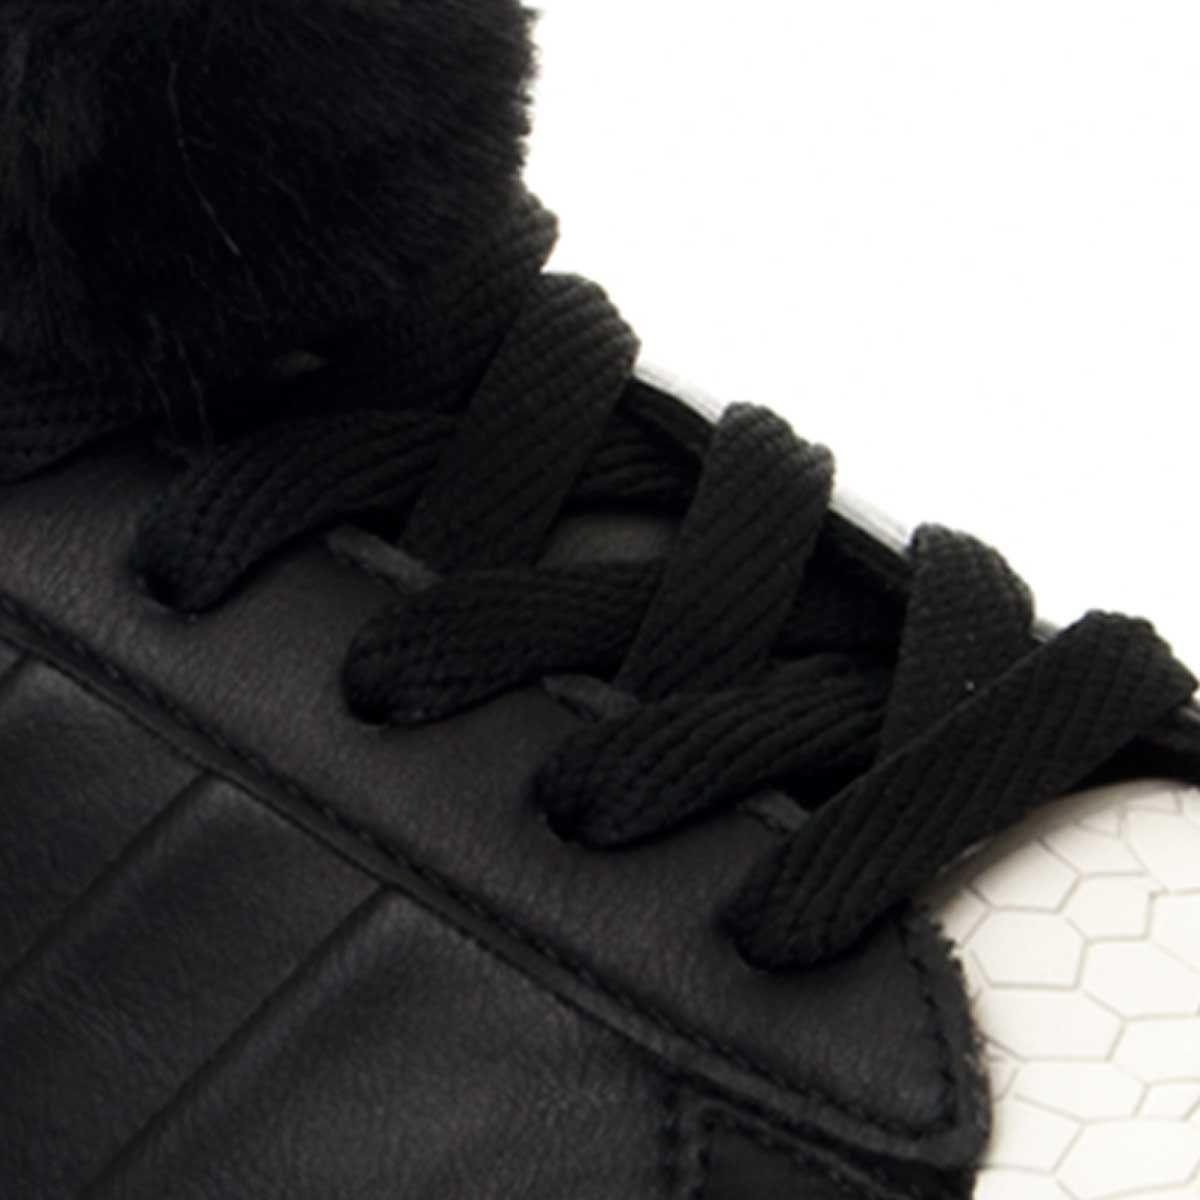 Montevita Pom Pom Sneaker in Black